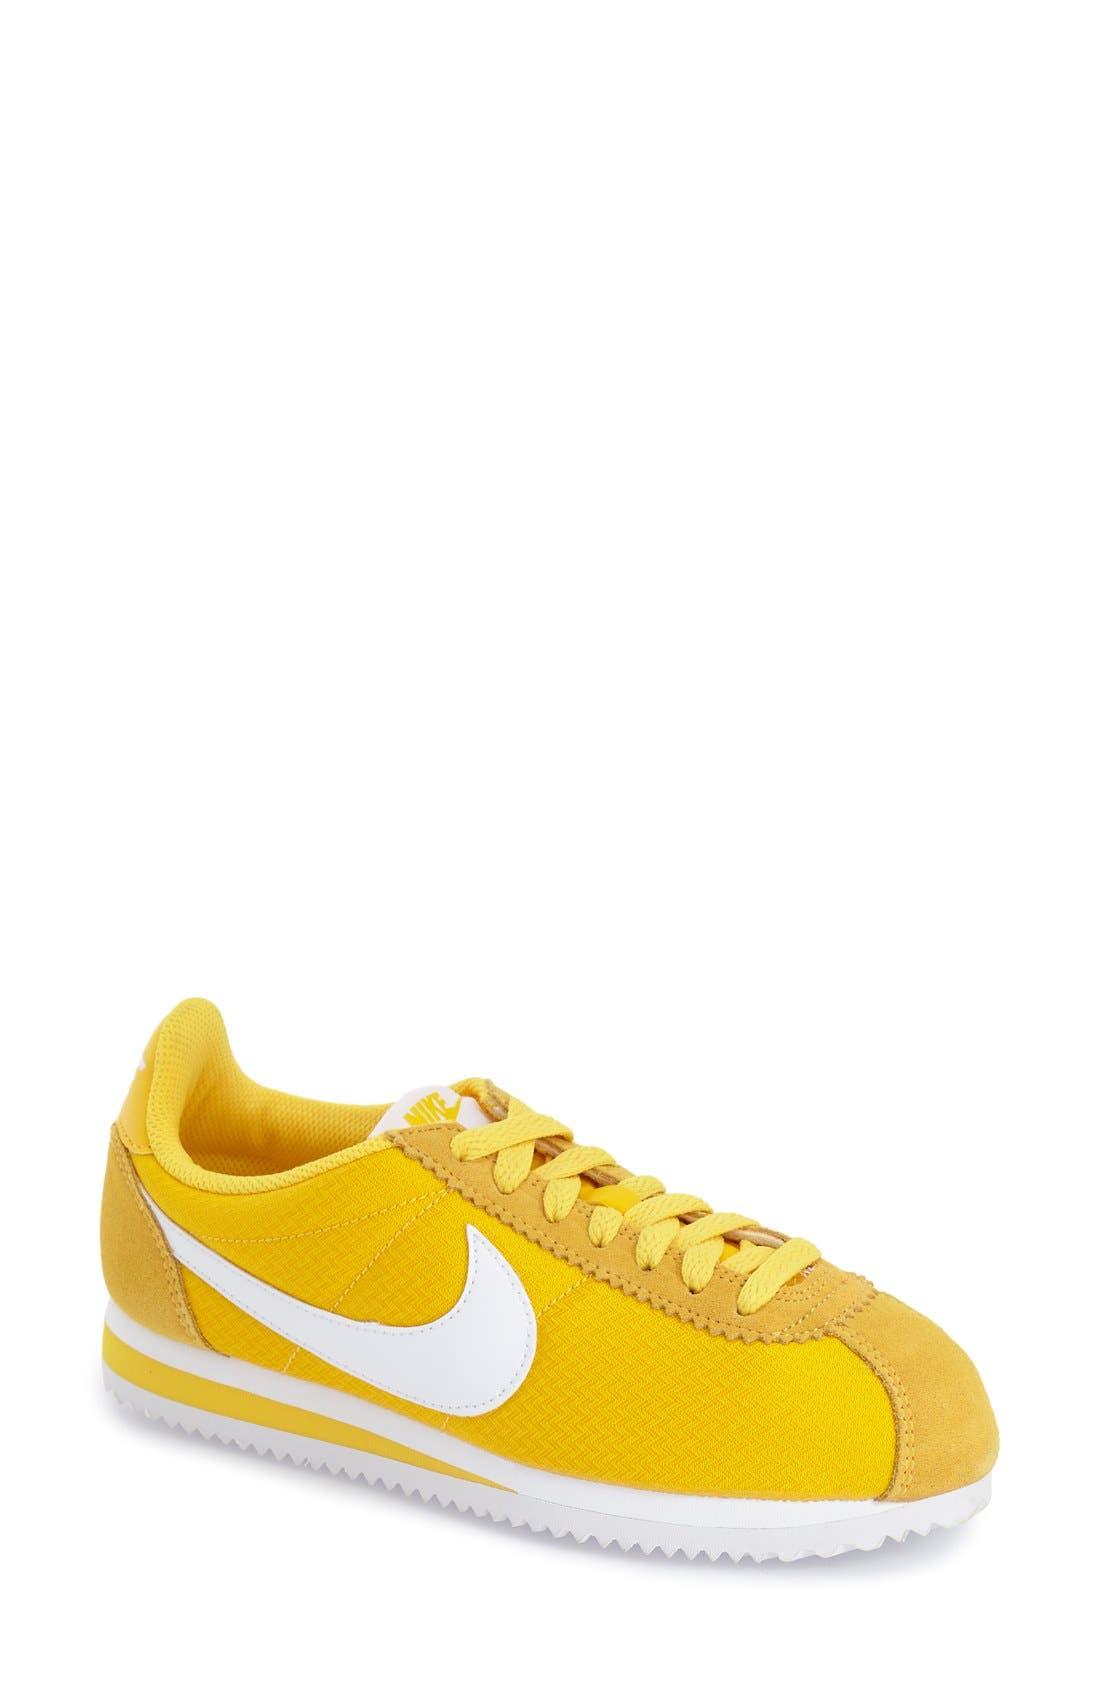 'Classic Cortez' Sneaker,                             Main thumbnail 5, color,